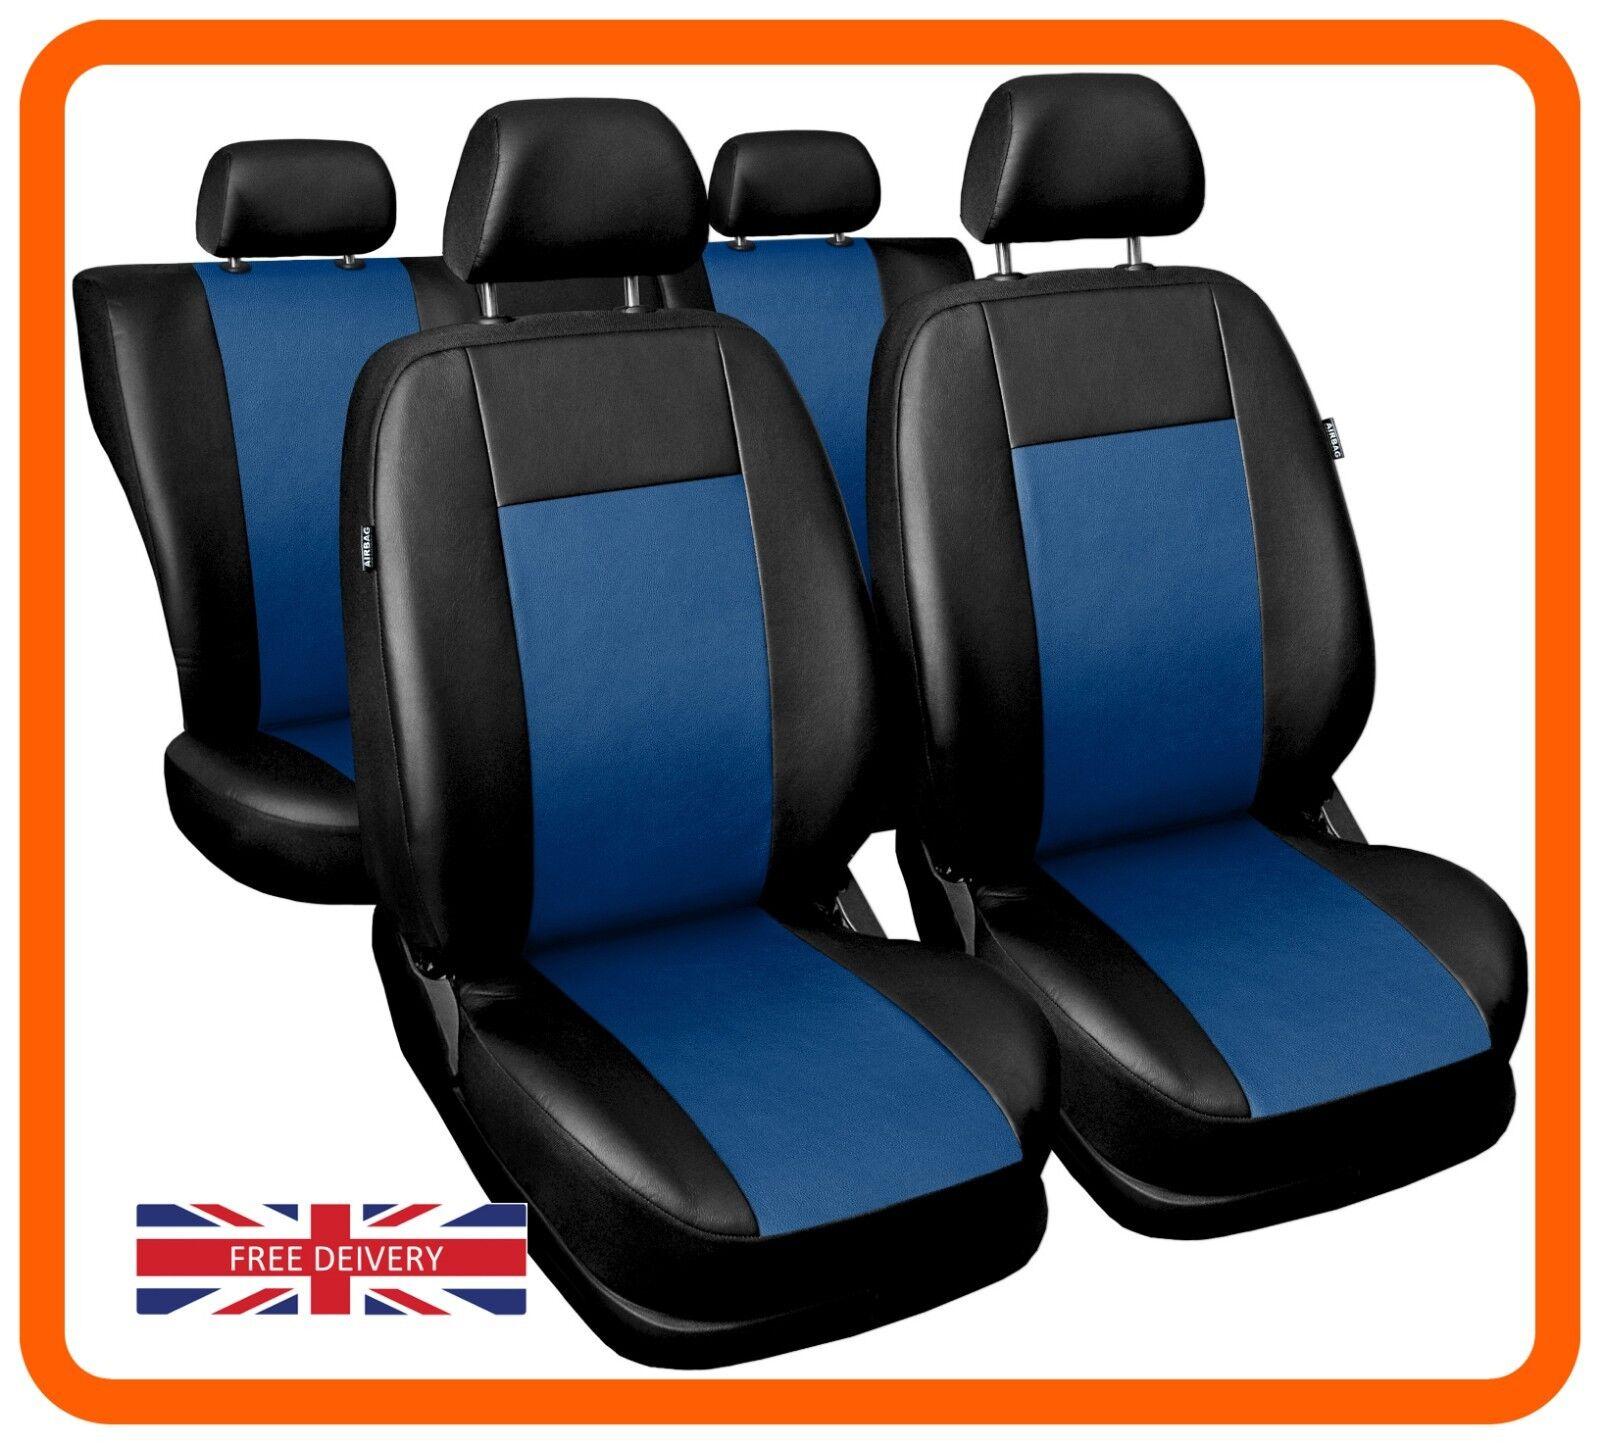 Seggiolino Auto Copre Completo Set Adatto BMW serie 7 in ecopelle neroblu